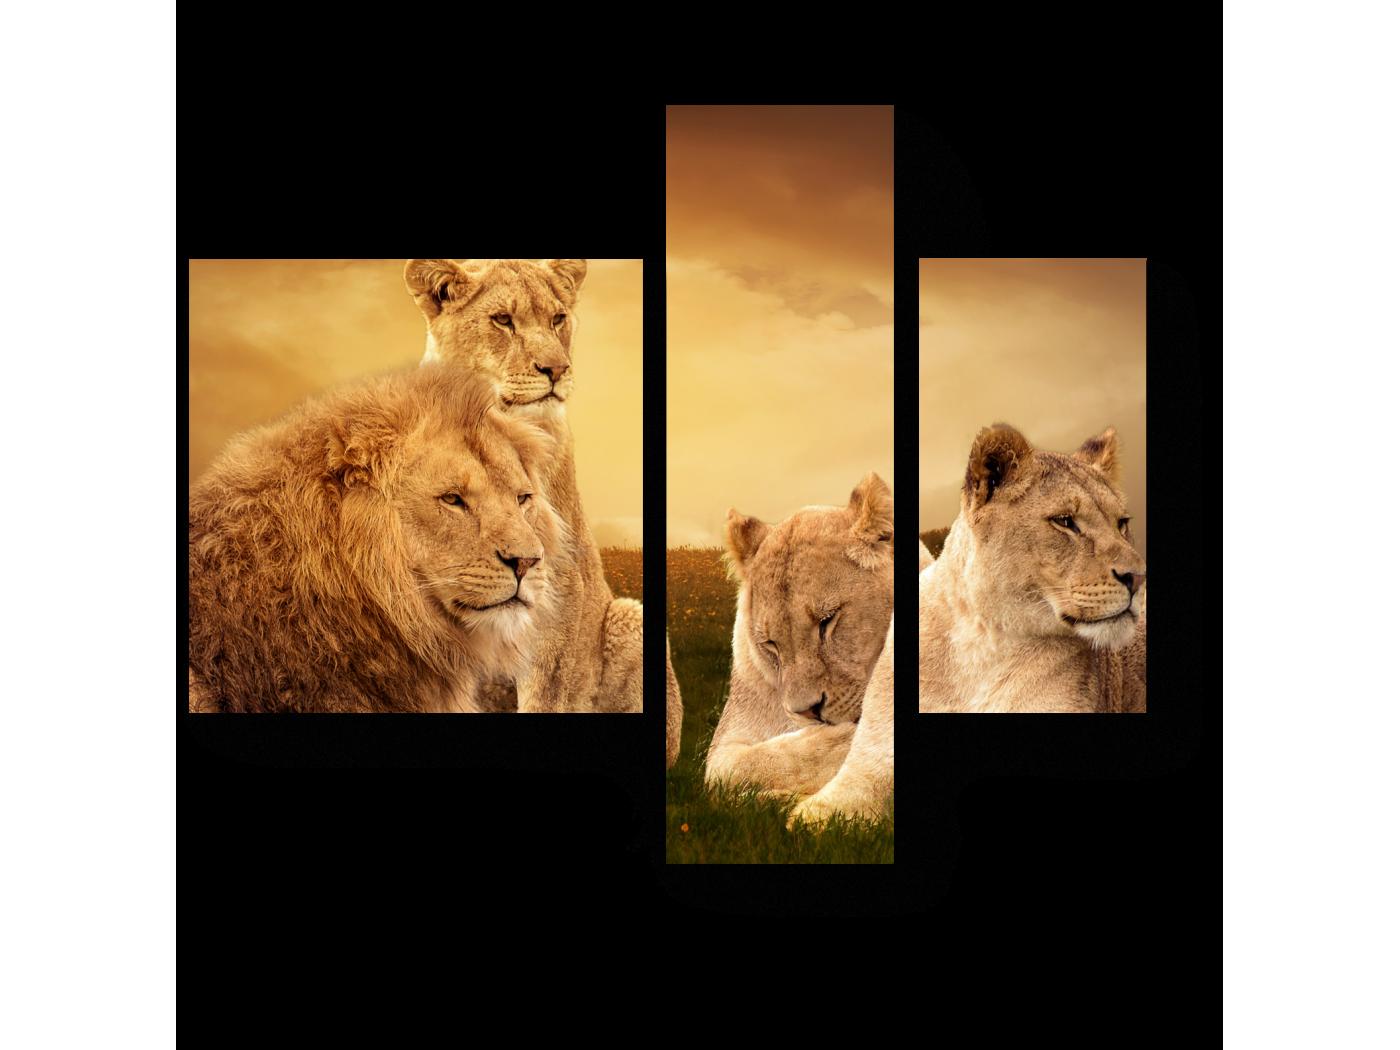 Модульная картина Королевская семья (80x66) фото